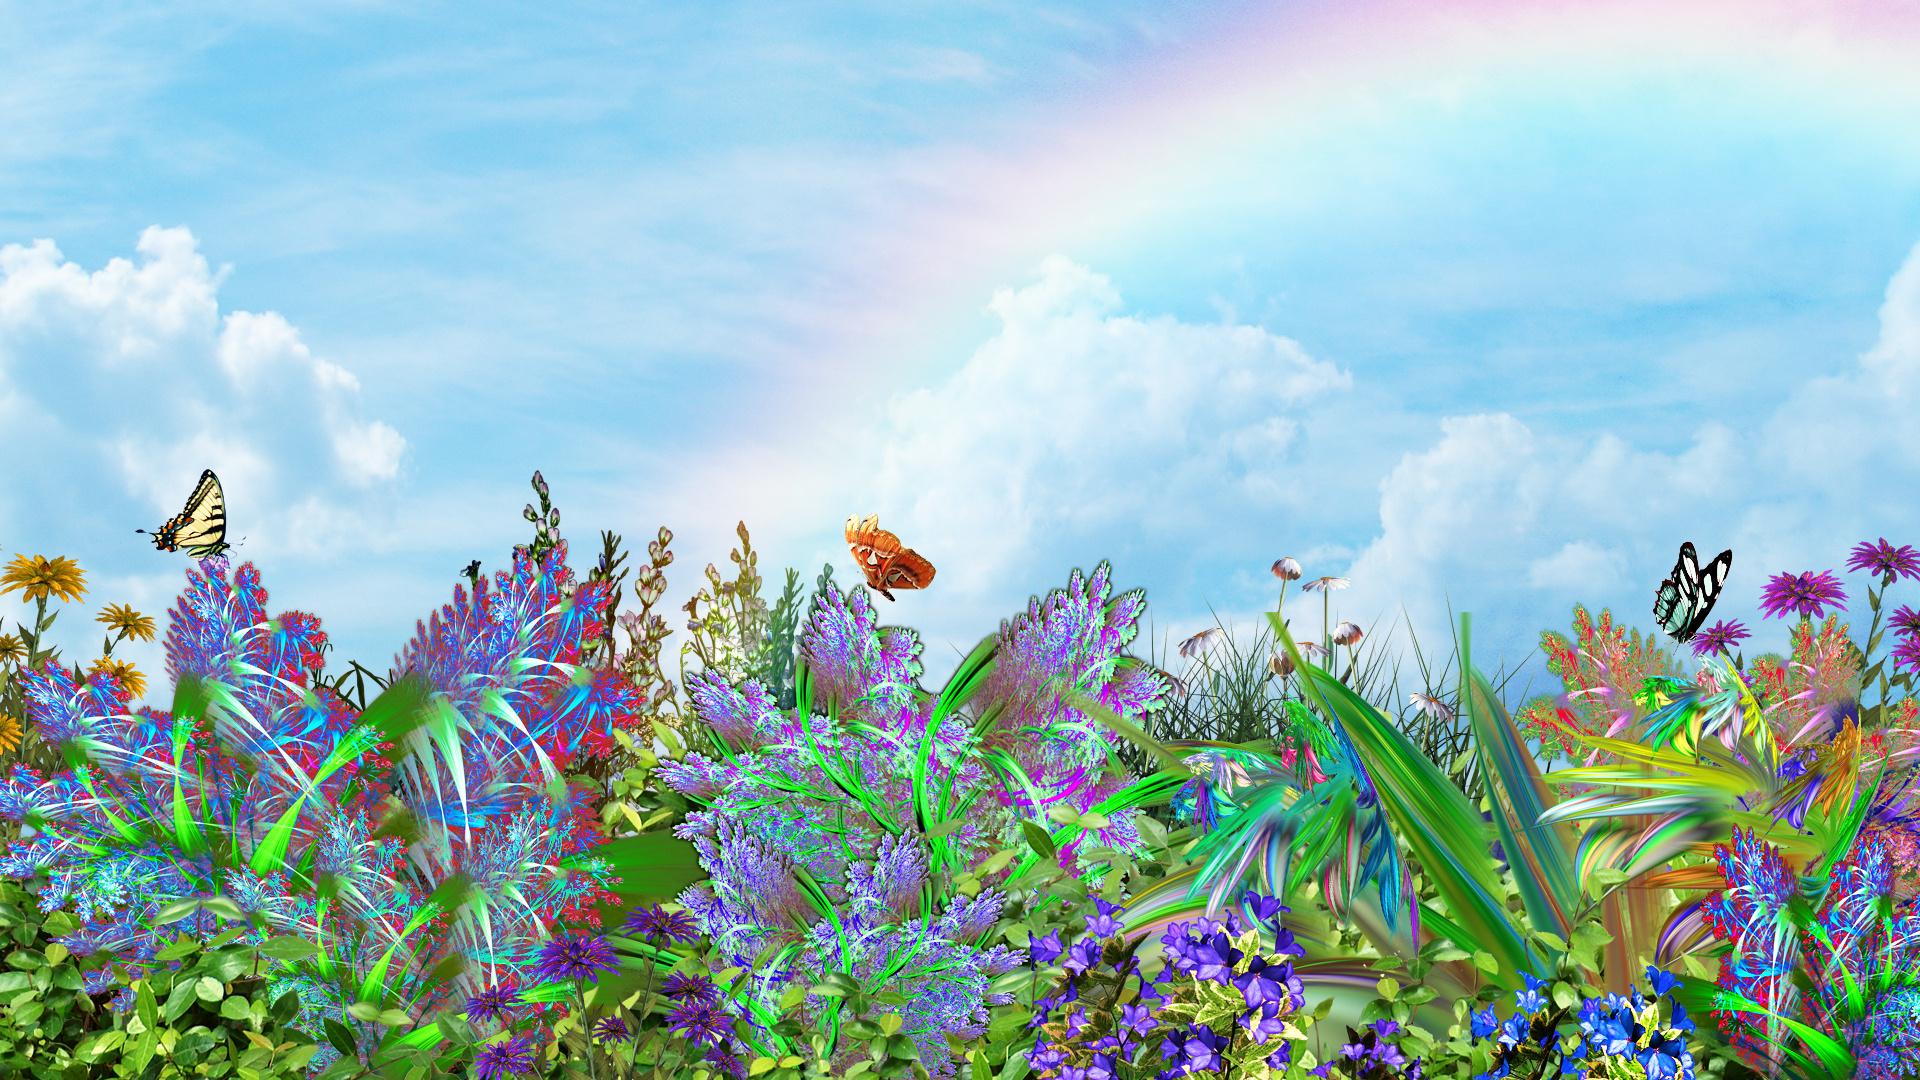 1920x1080 px 3D ART butterflies Butterflysky flowers nature plants 1709799